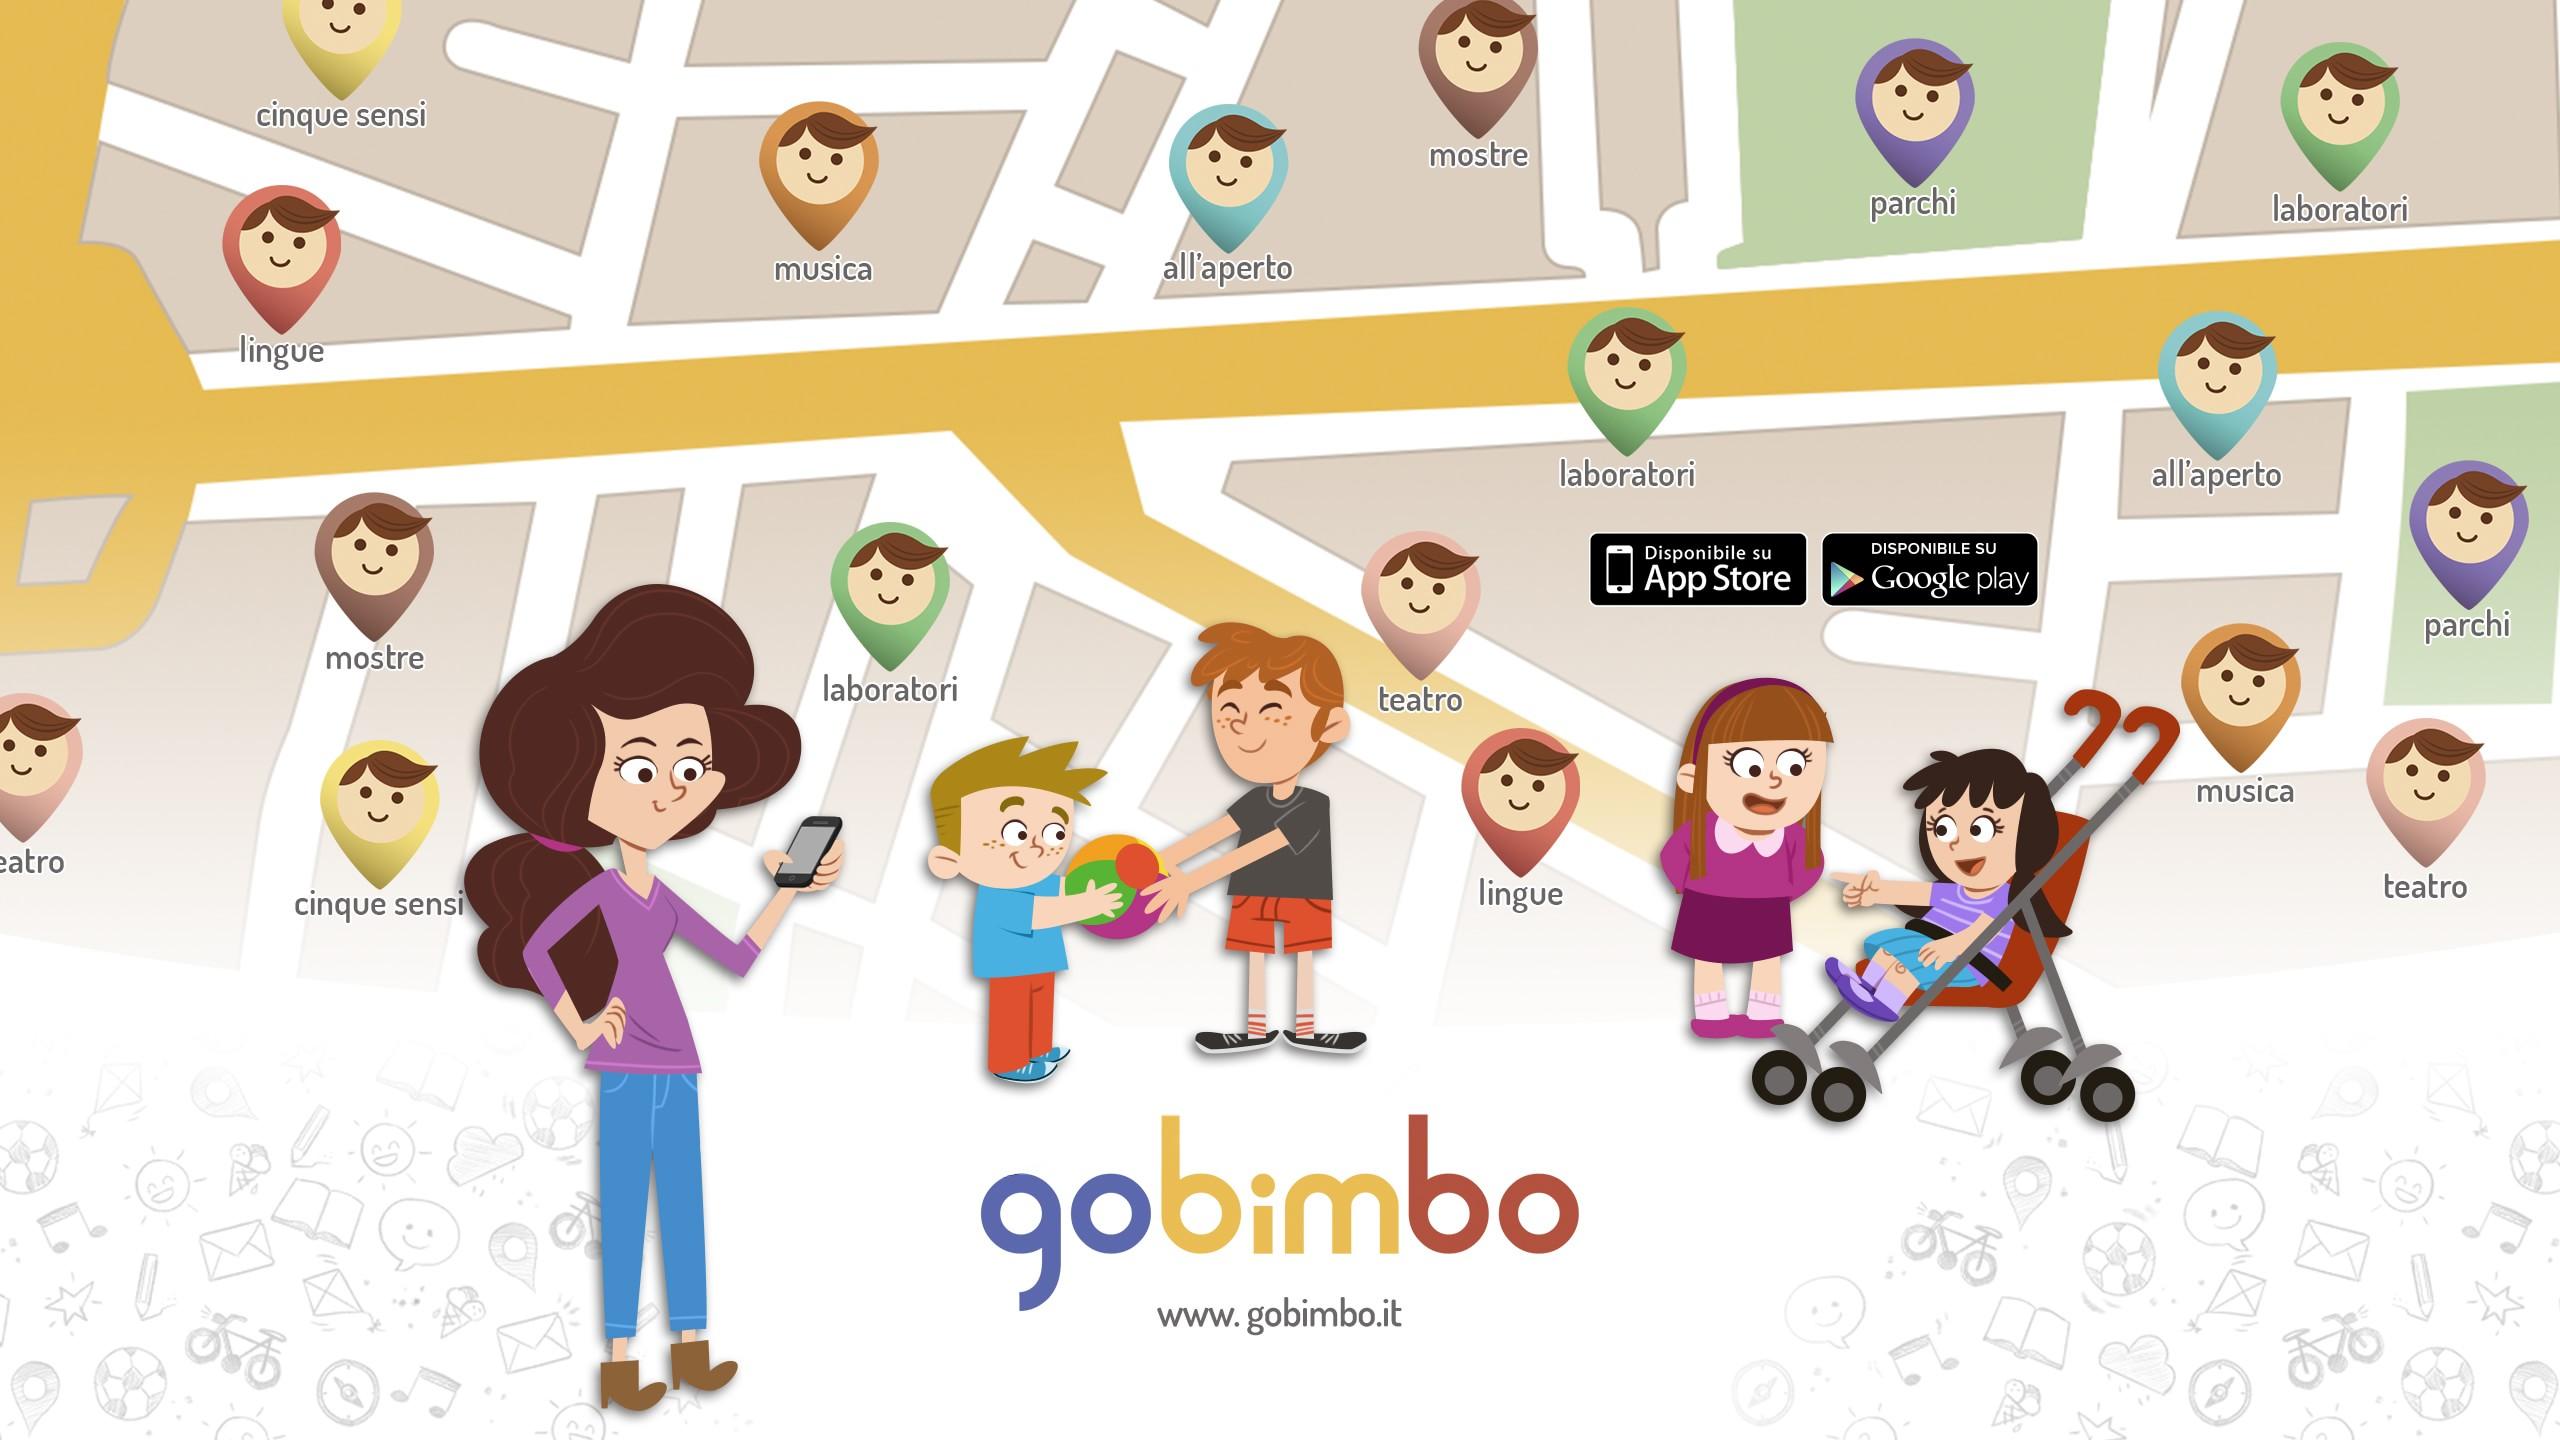 Gobimbo